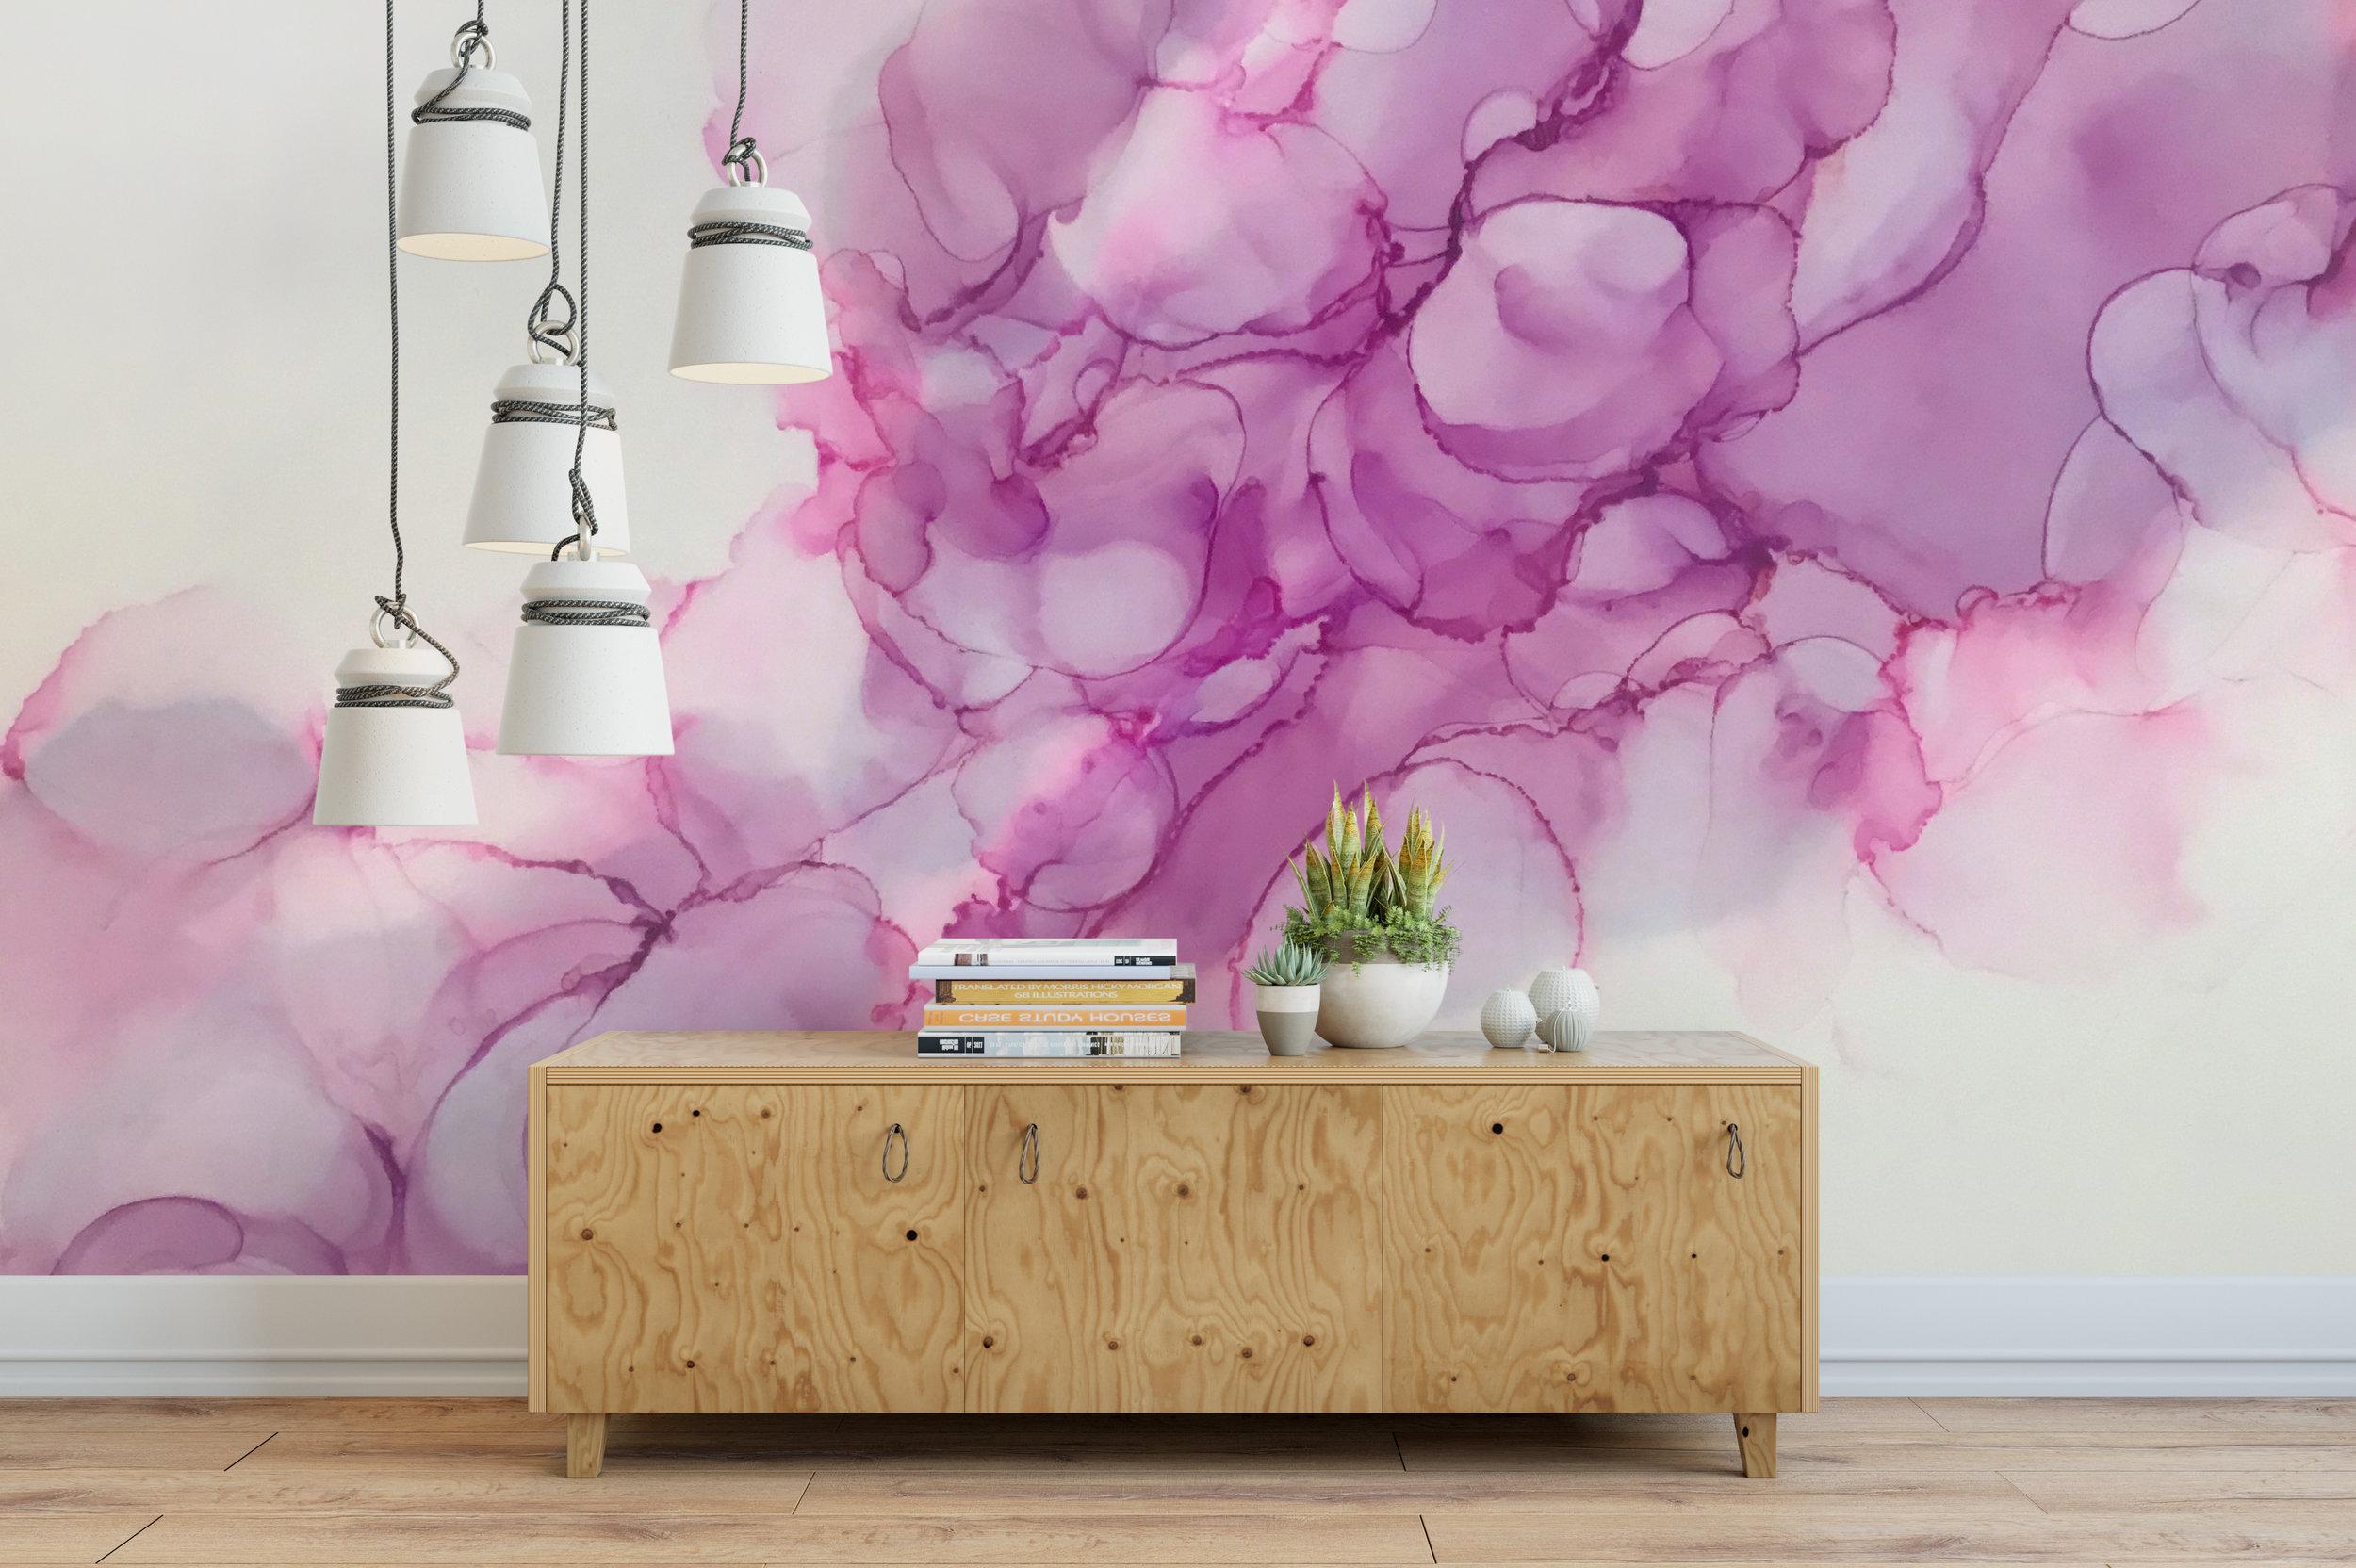 purple_mural.jpg